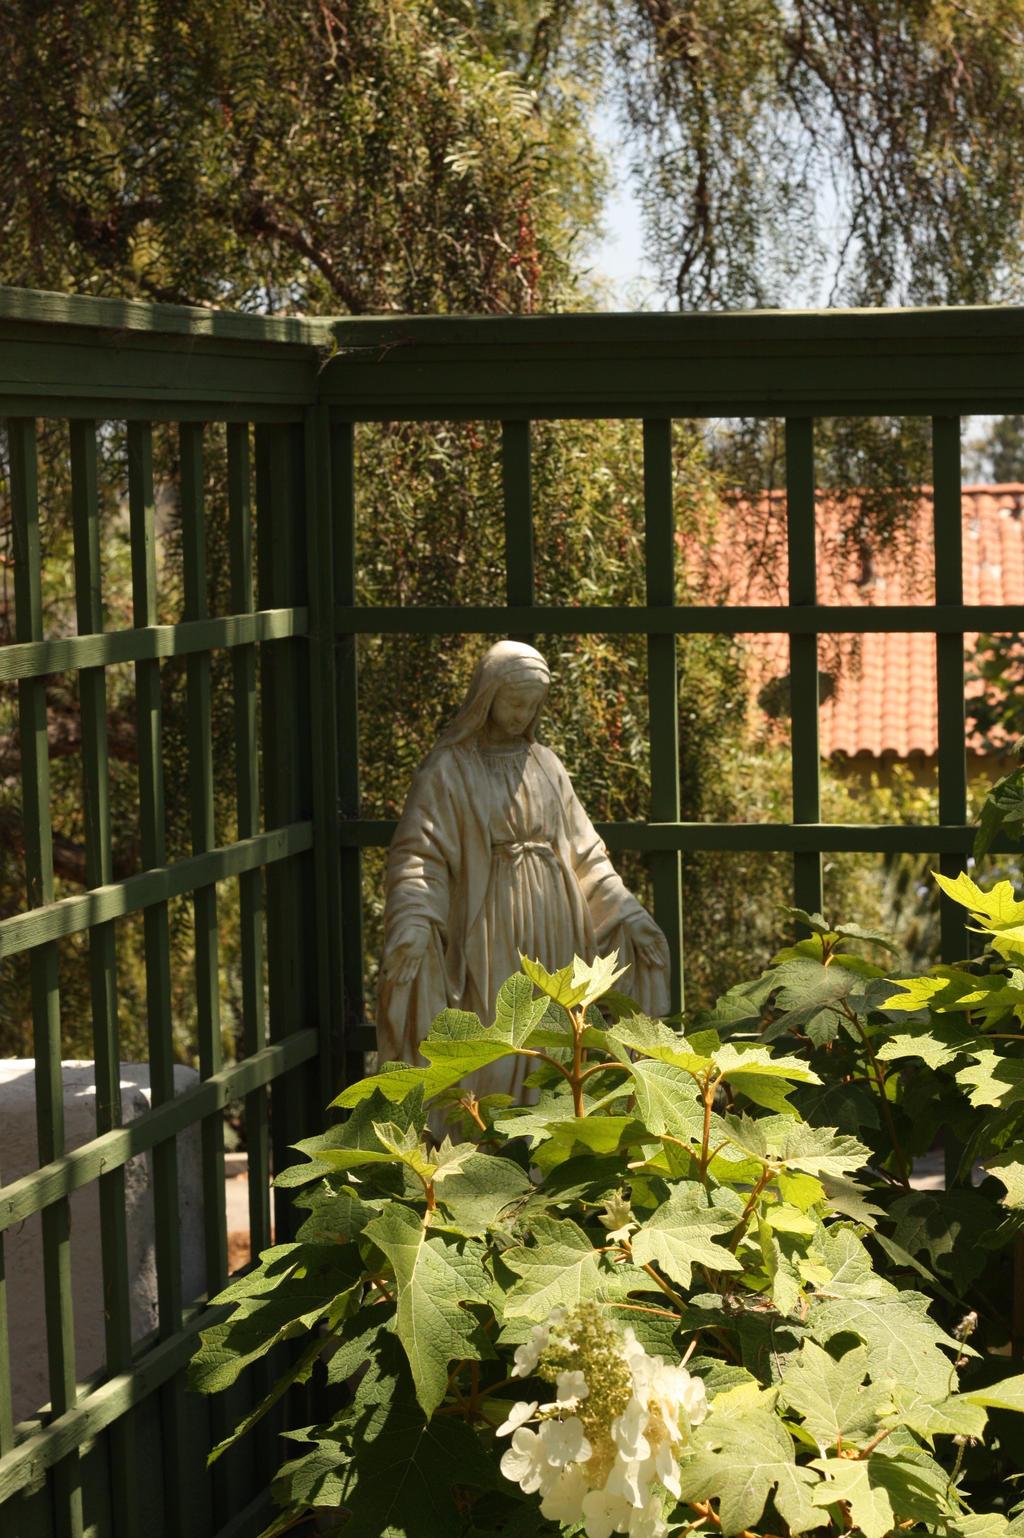 Bixby Ranch Gardens Statuary 4 by pinknfuzzy4711